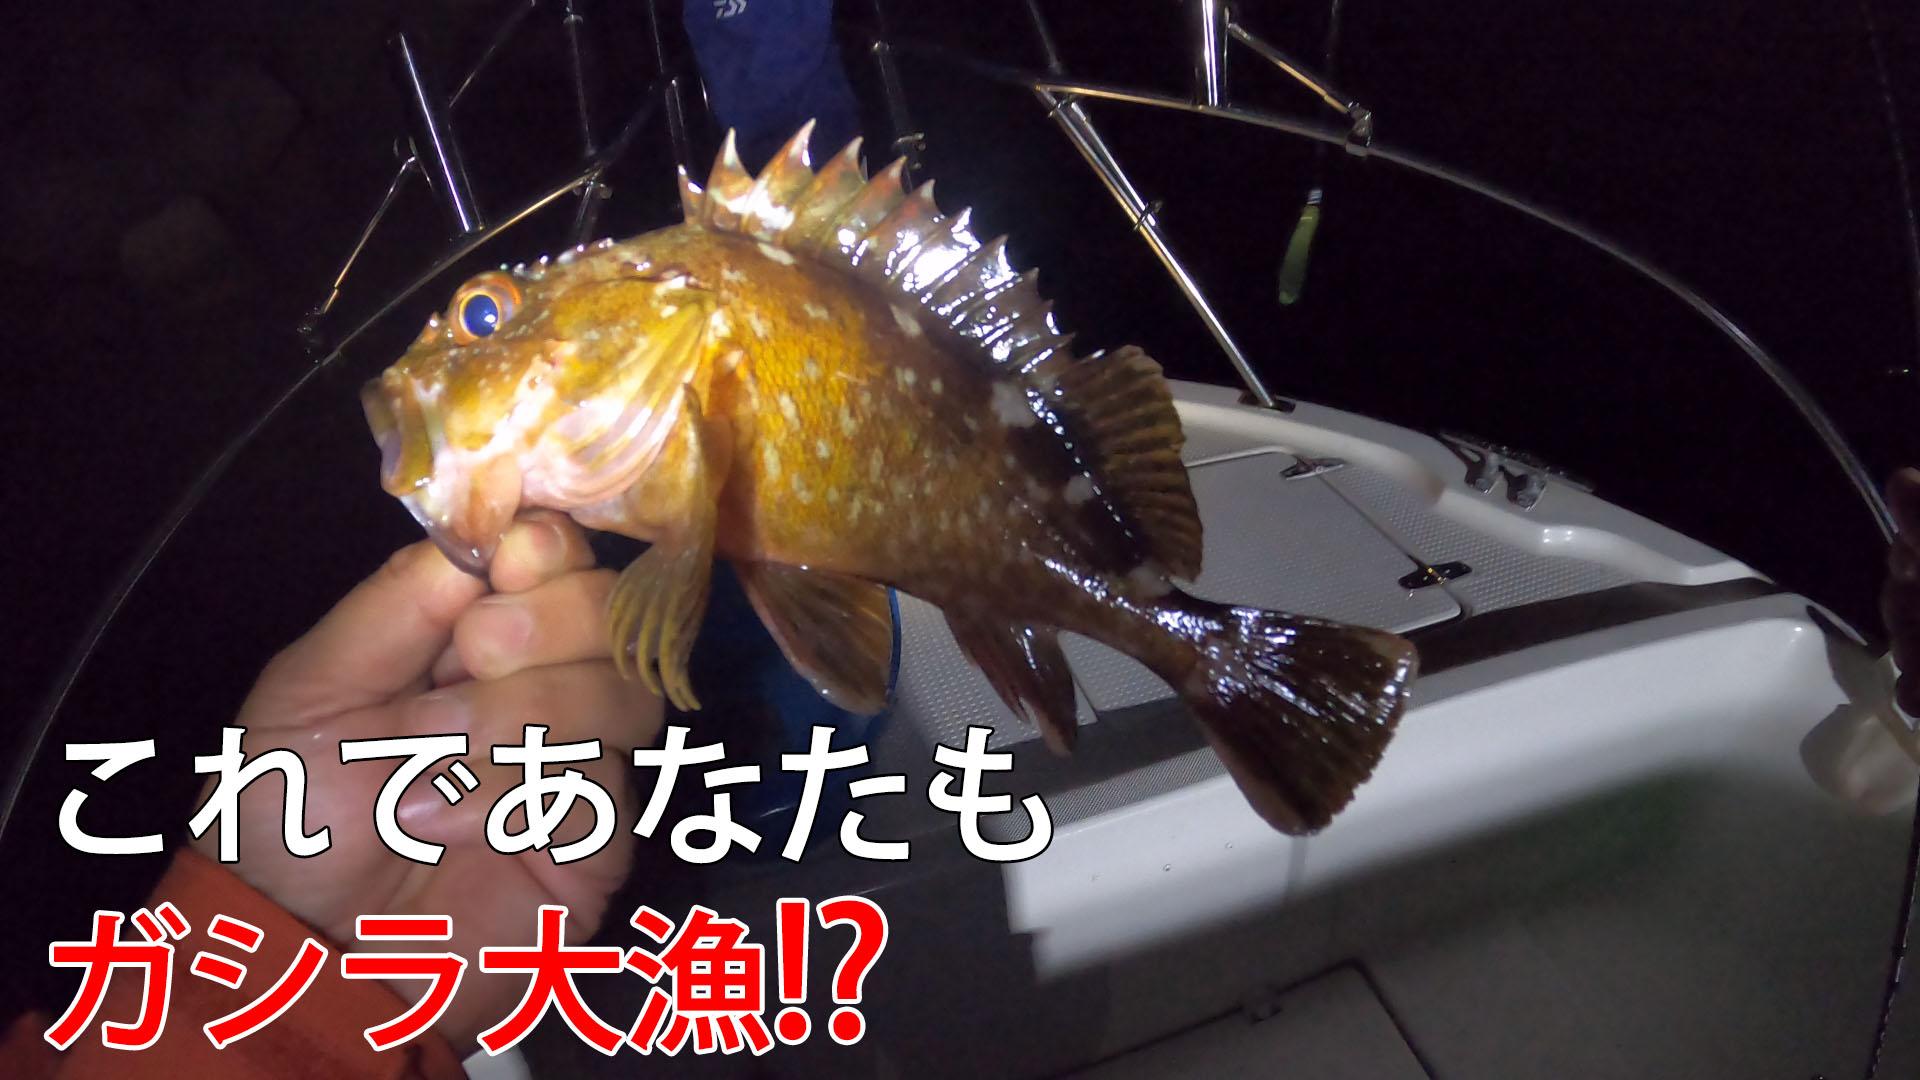 釣りのプロに教わるガシラ釣り解説のサムネイル